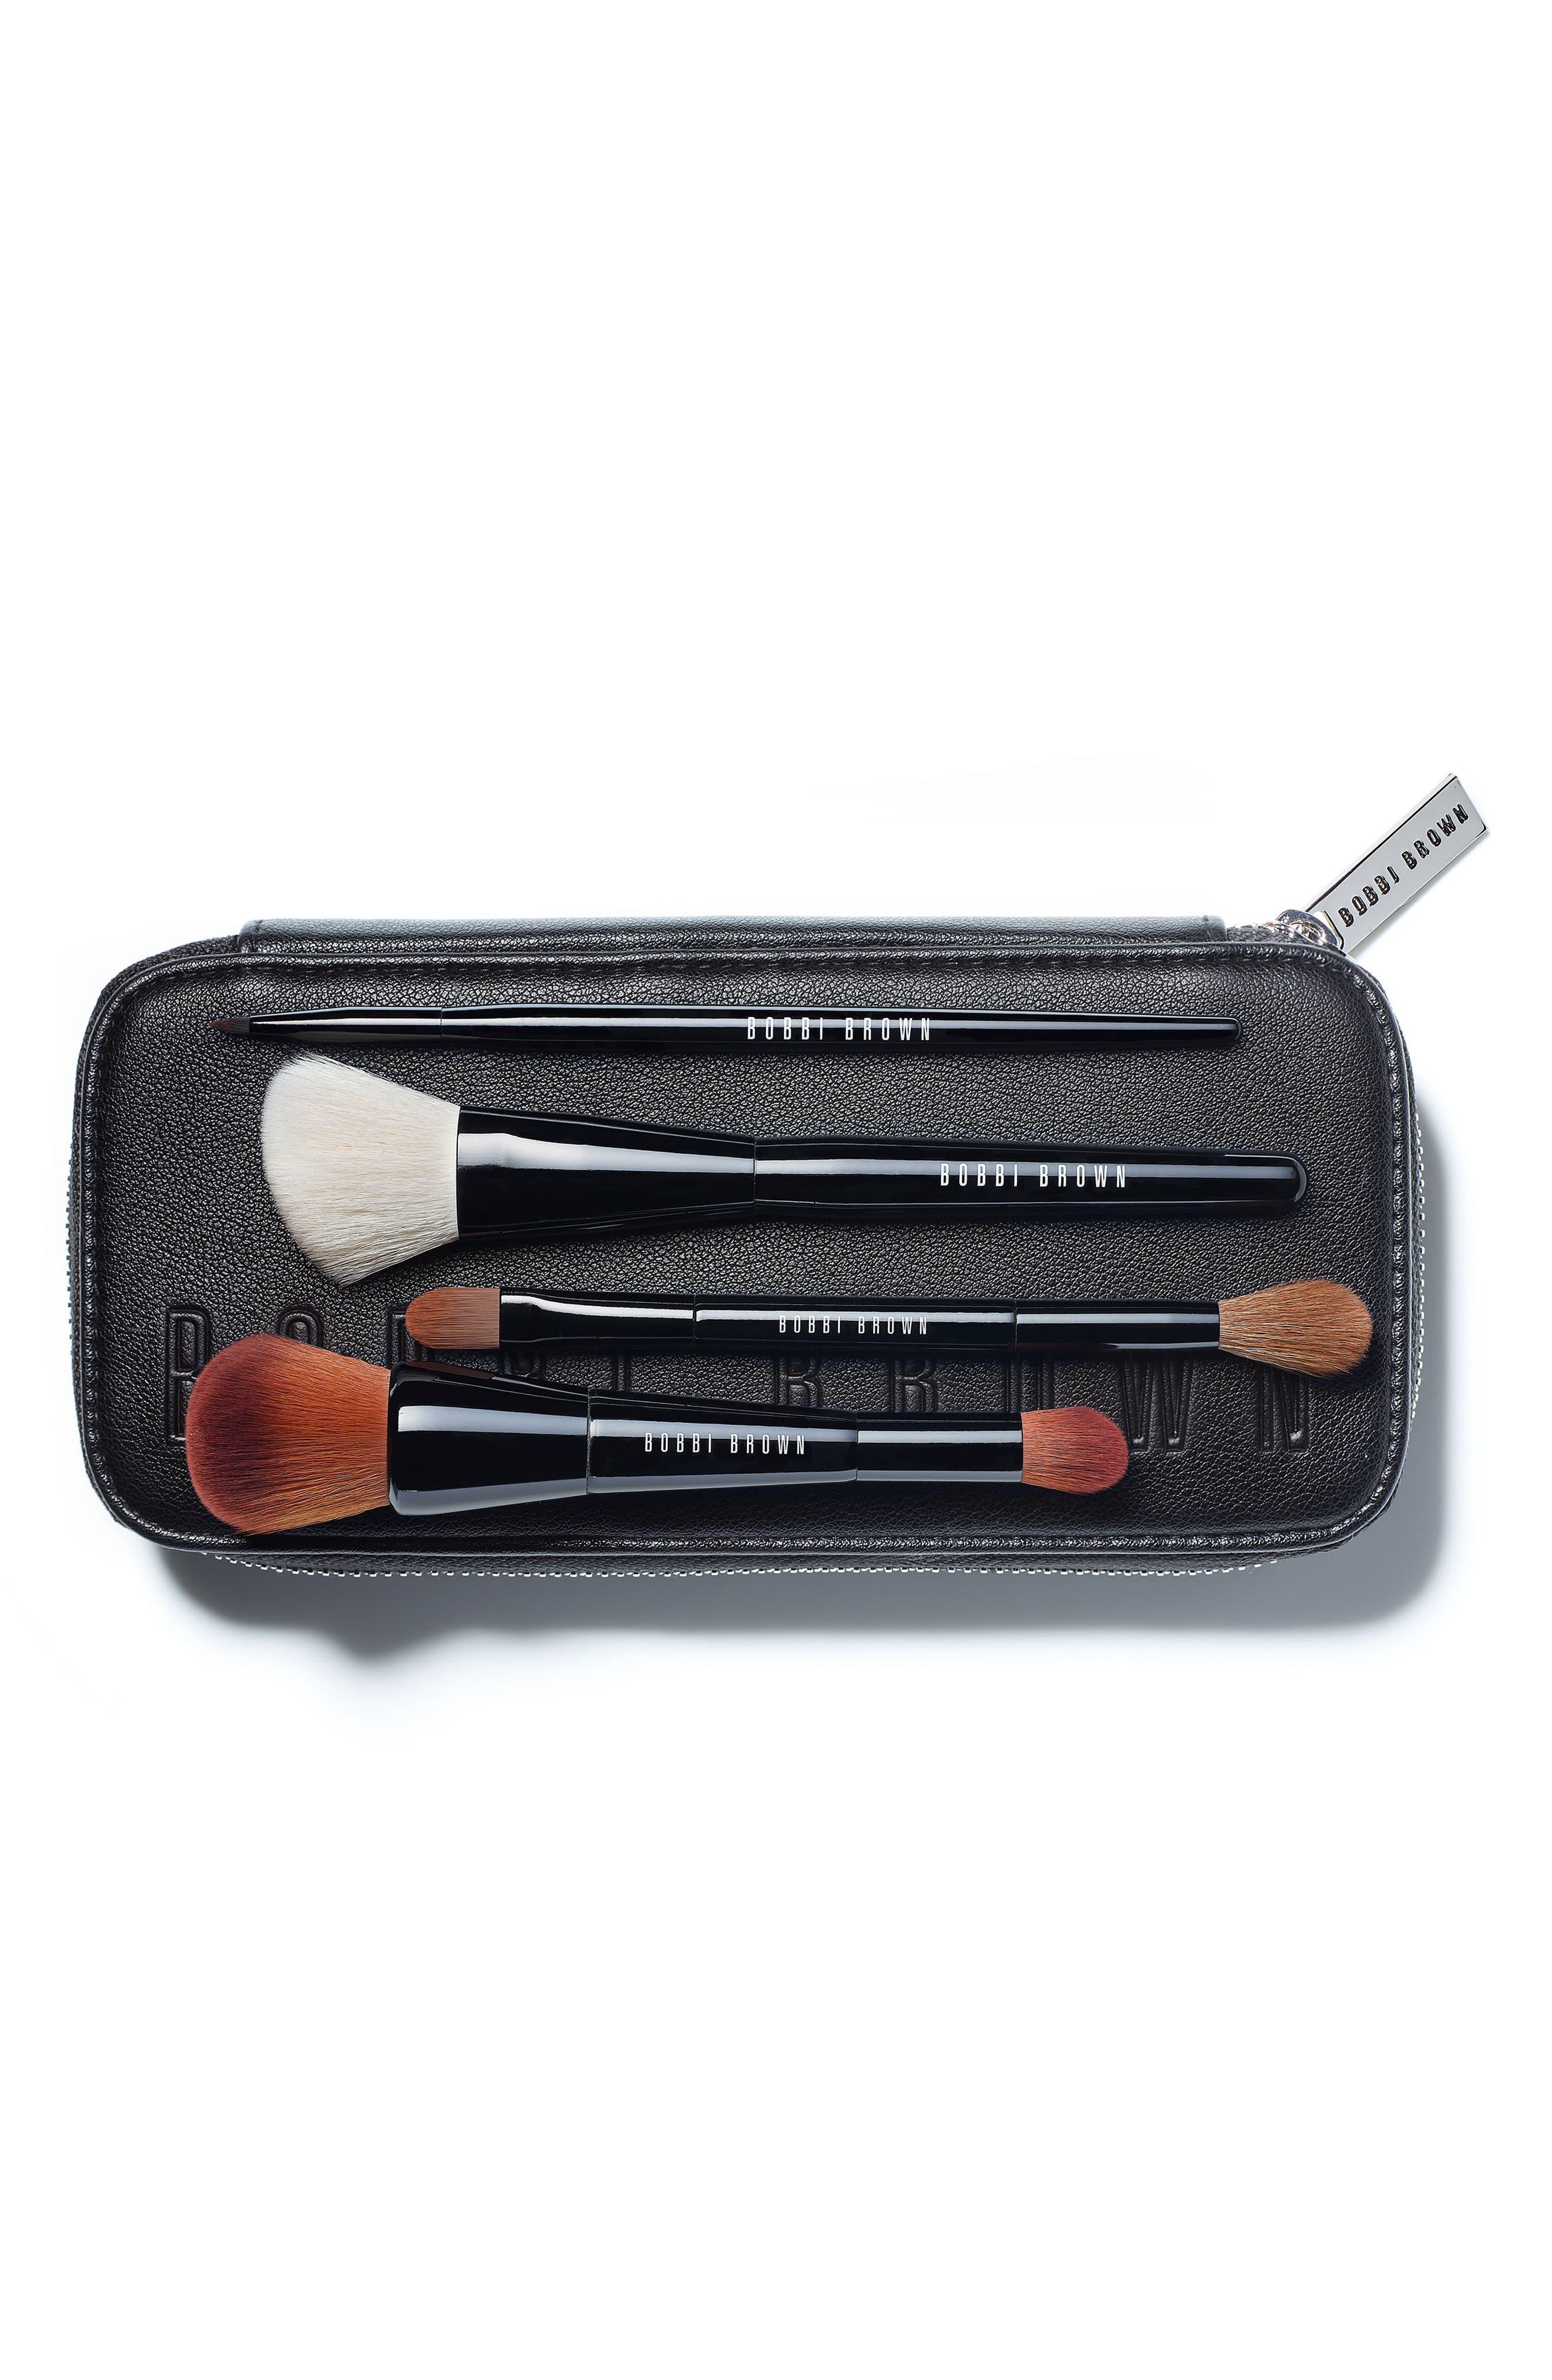 Pro Brush Set,                             Main thumbnail 1, color,                             000